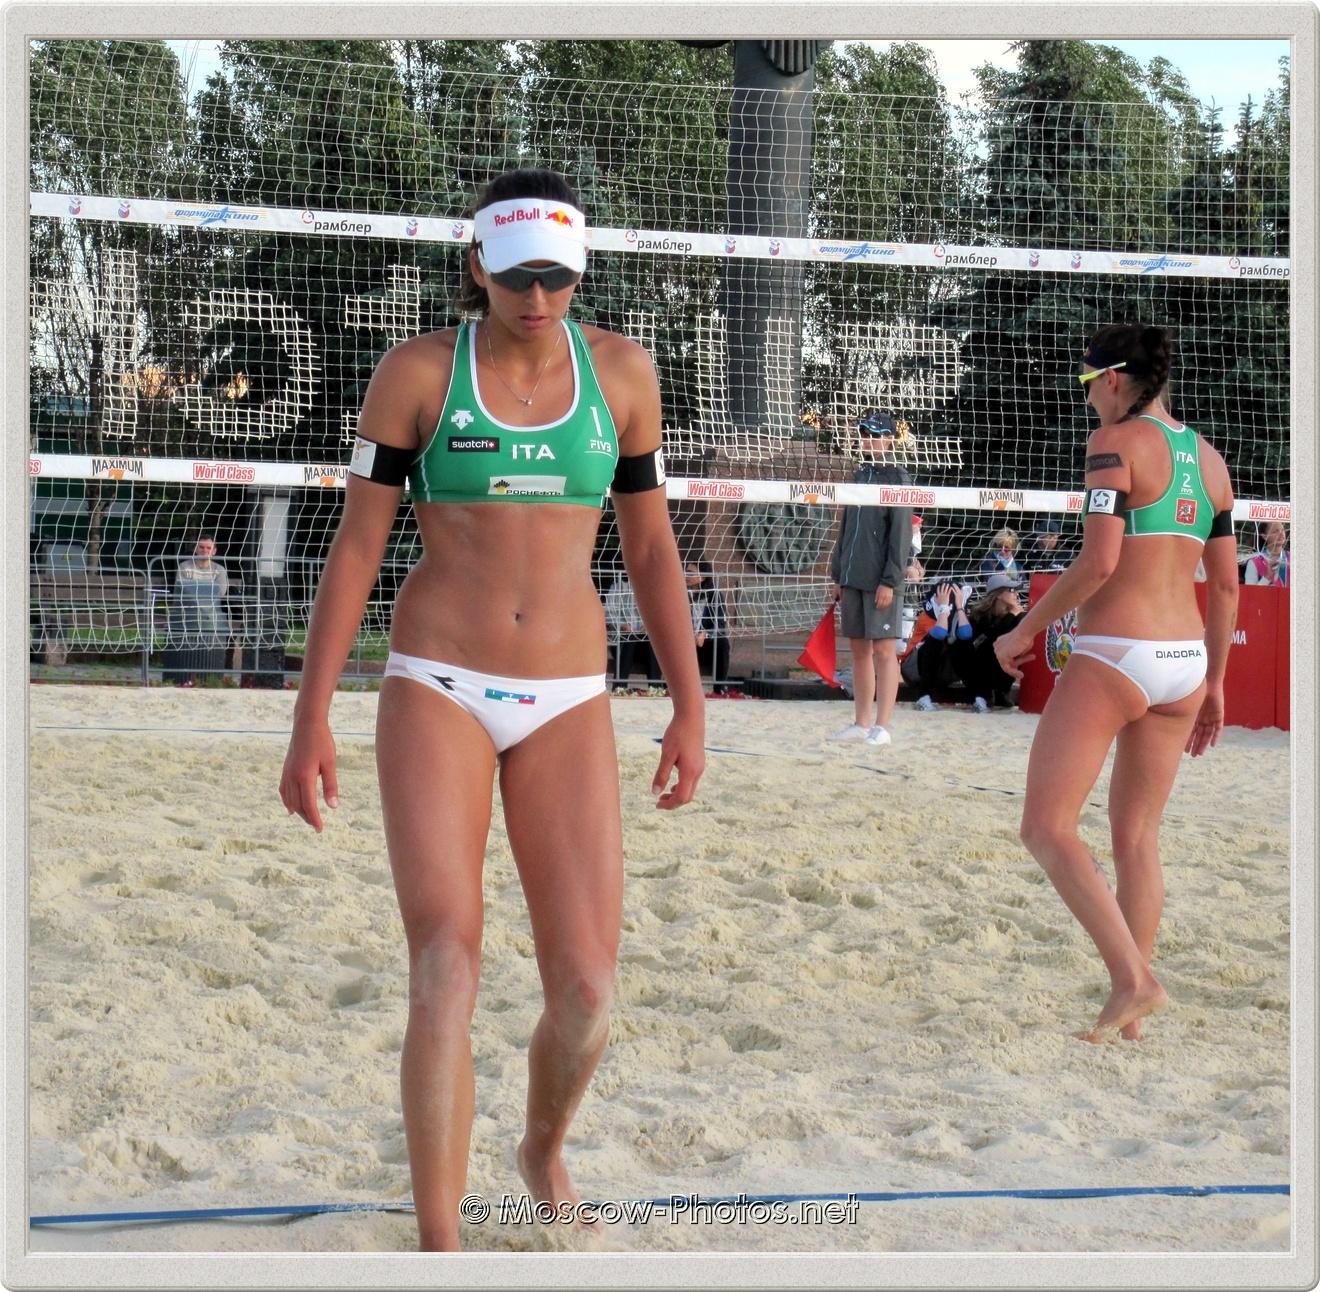 Italian Team - Marta Menegatti & Greta Cicolari in Moscow